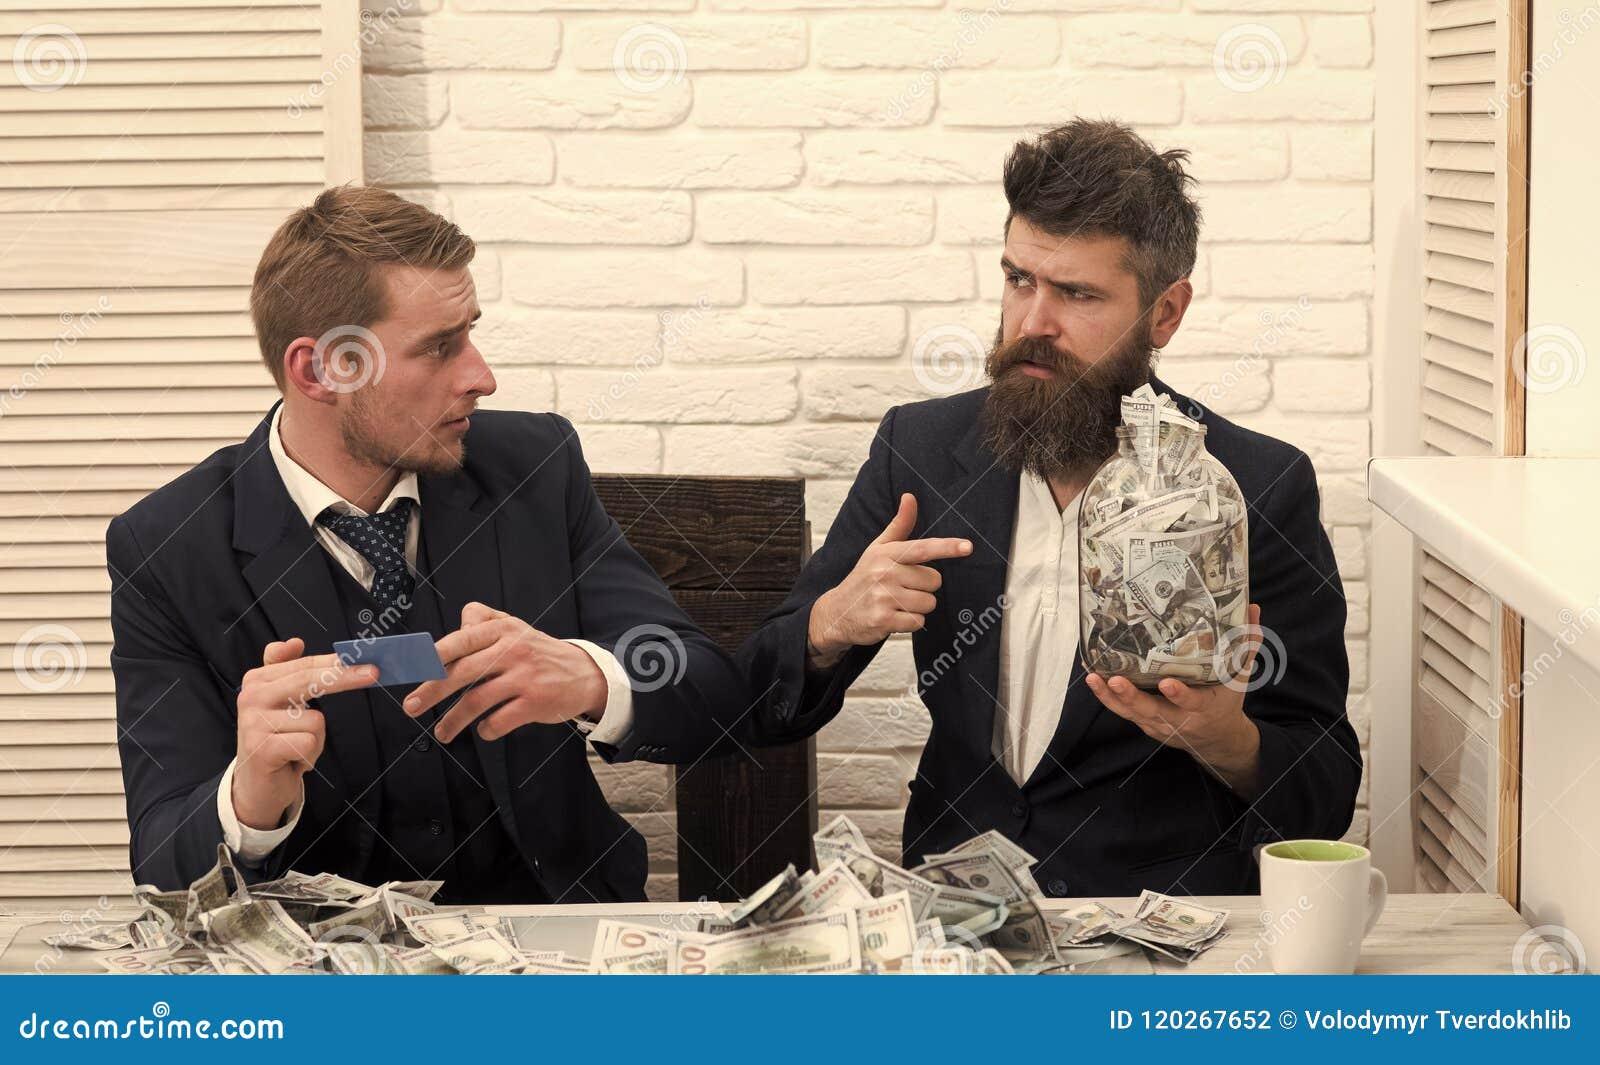 Дело и финансы Деловые партнеры, бизнесмены на встрече в офисе Бородатые владения босса раздражают вполне наличных денег